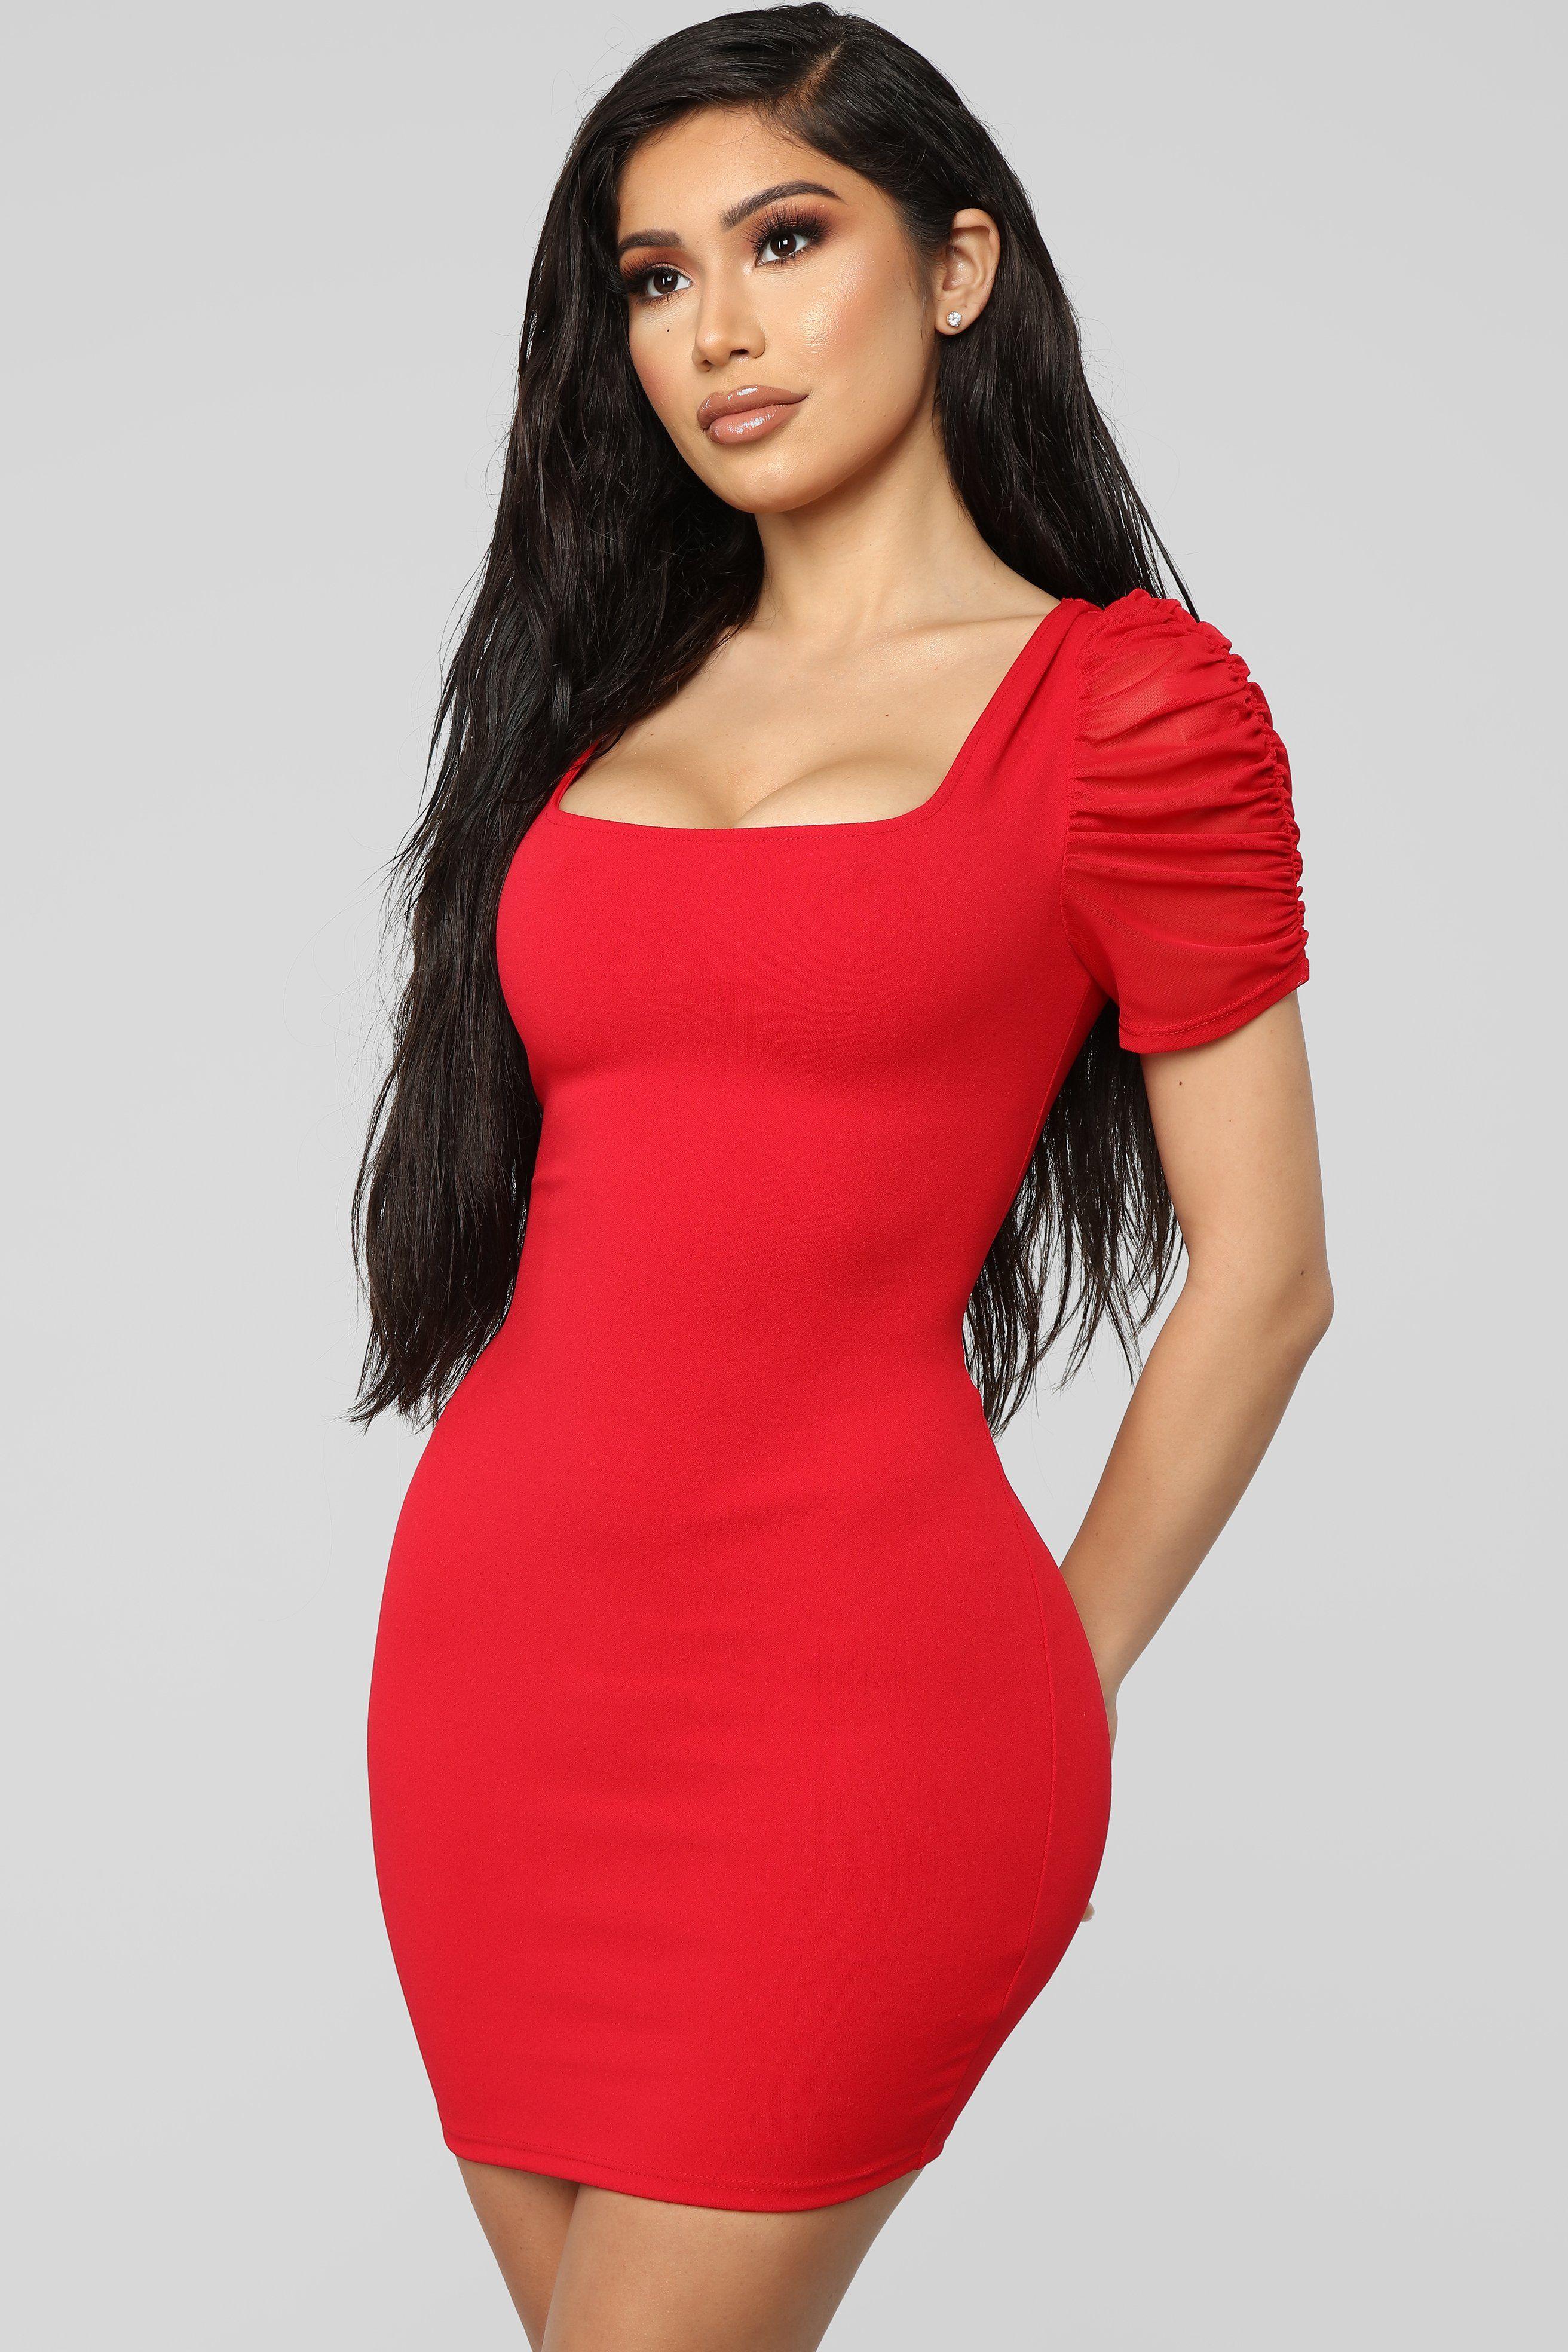 e5b2ca41f26 All In The Shoulders Mini Dress - Red in 2019